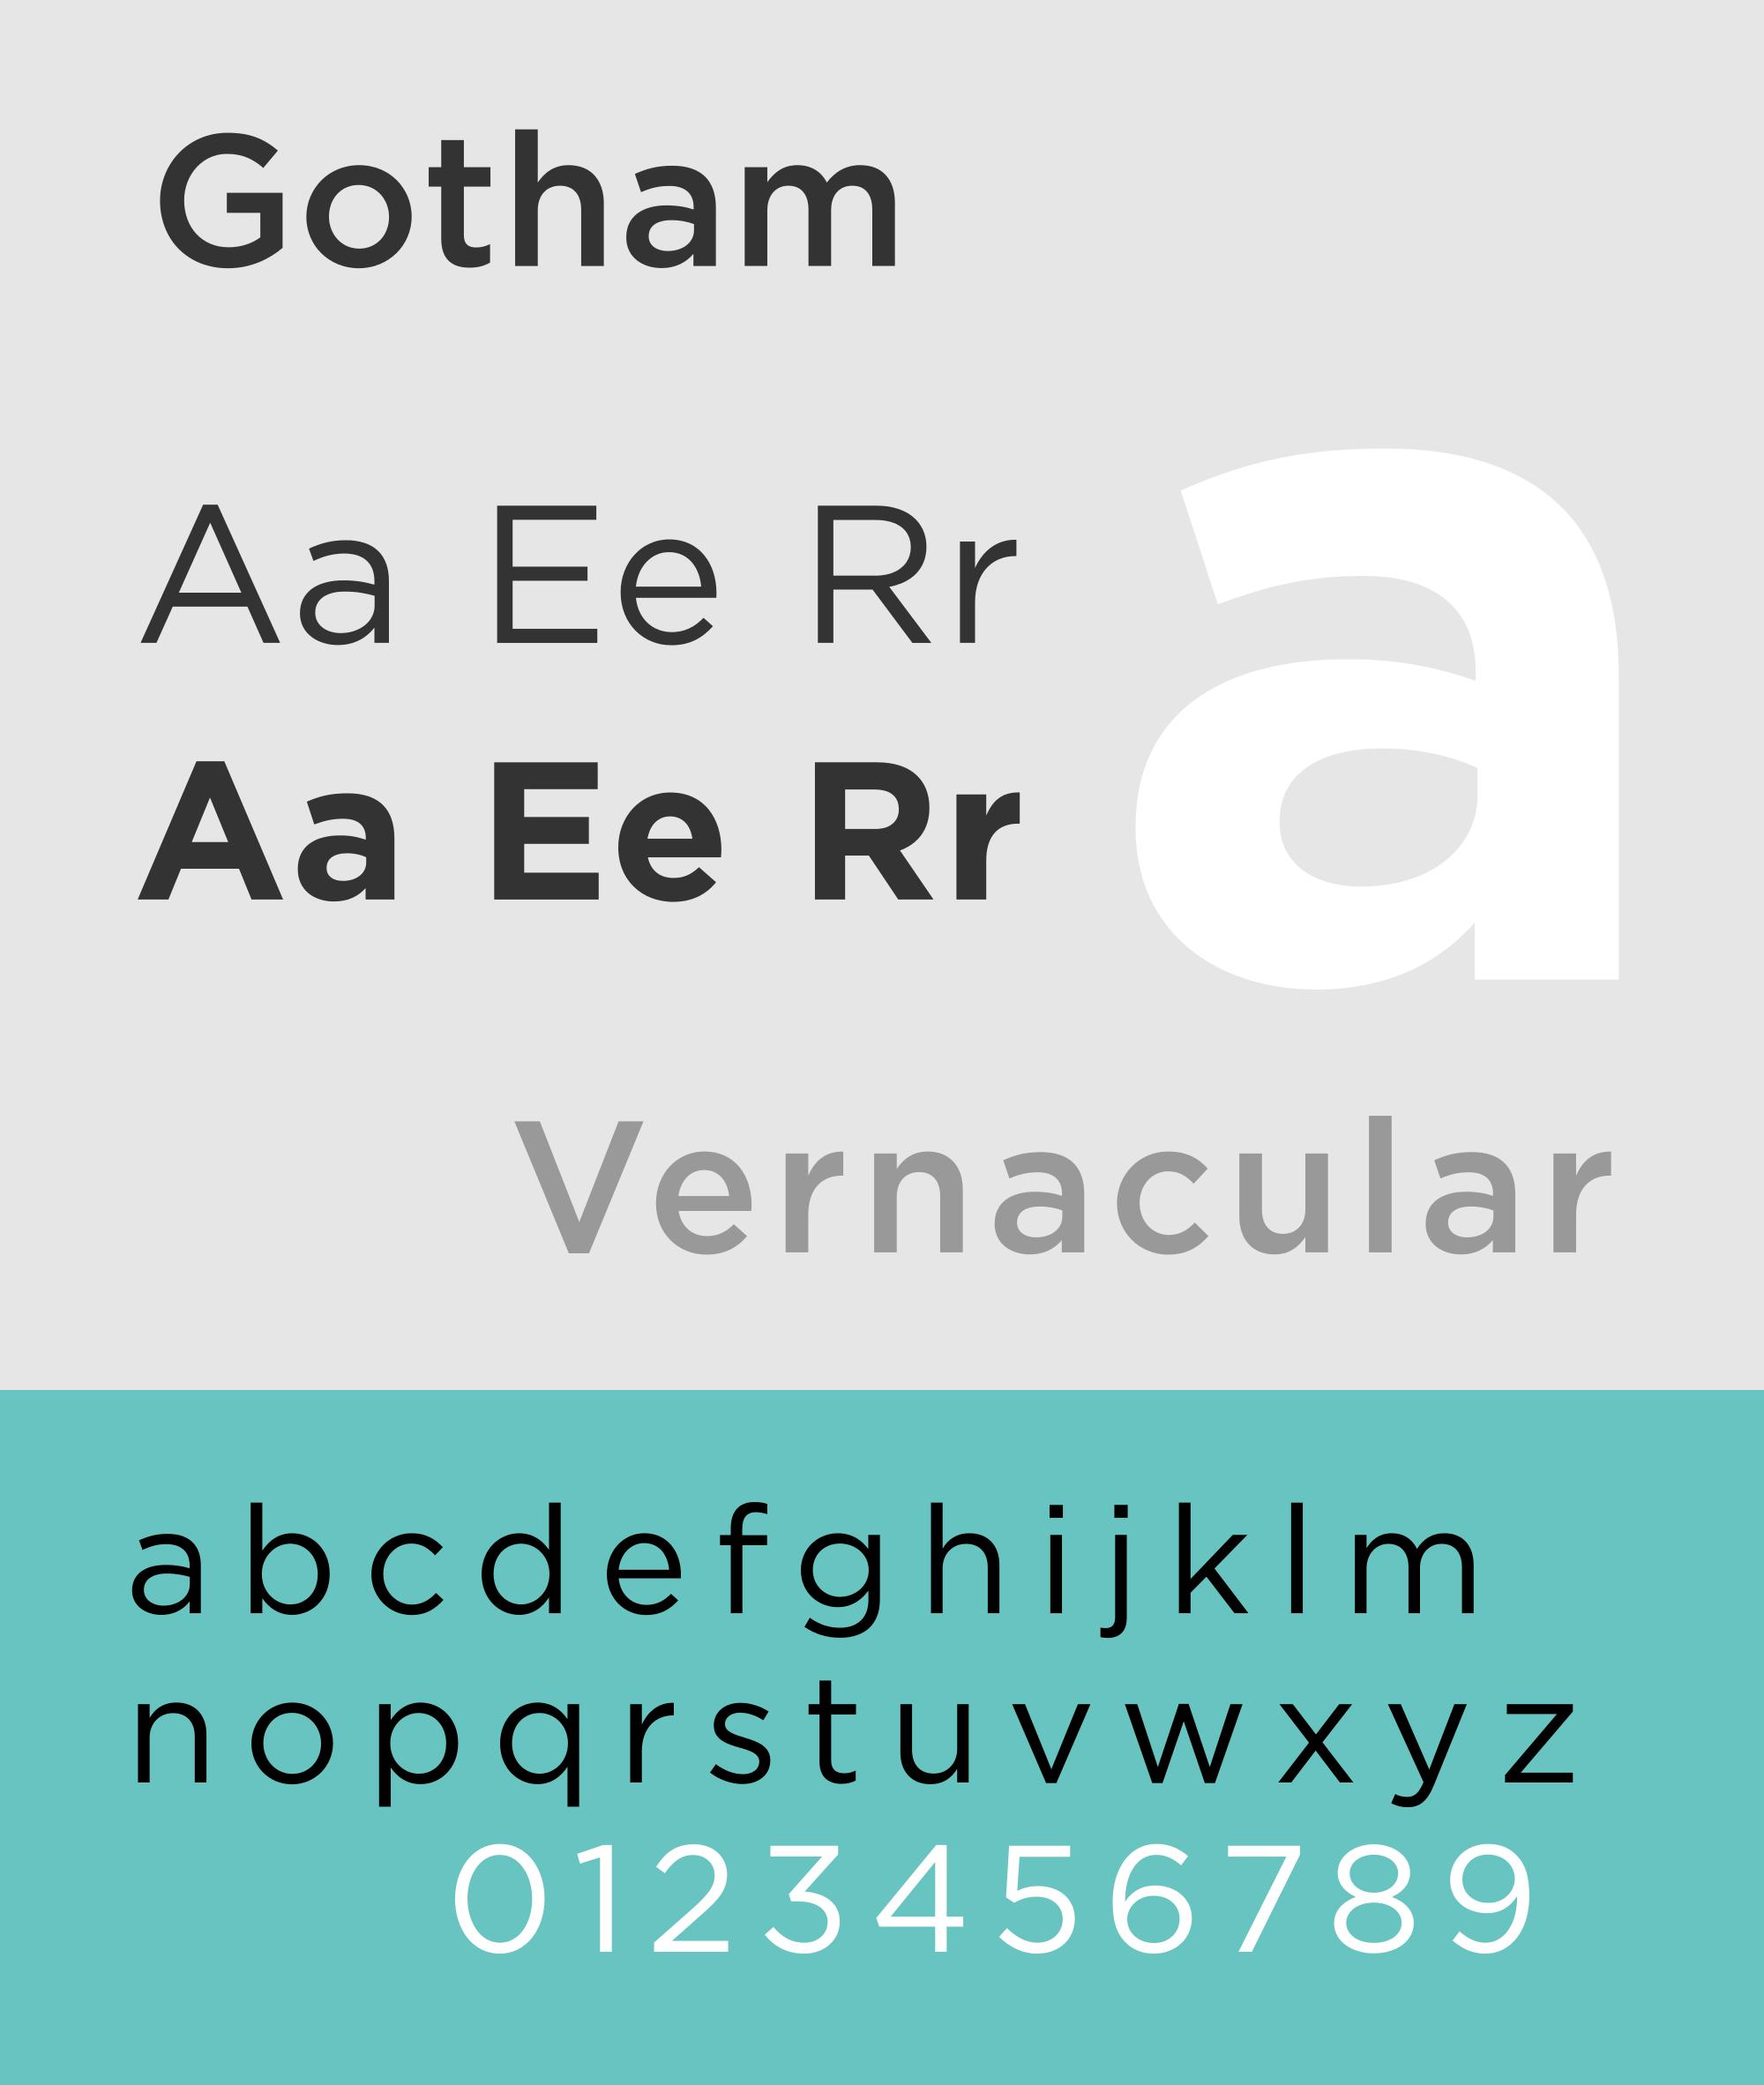 Caratteri tipografici pipù utilizzati in pubblicità: Gotham